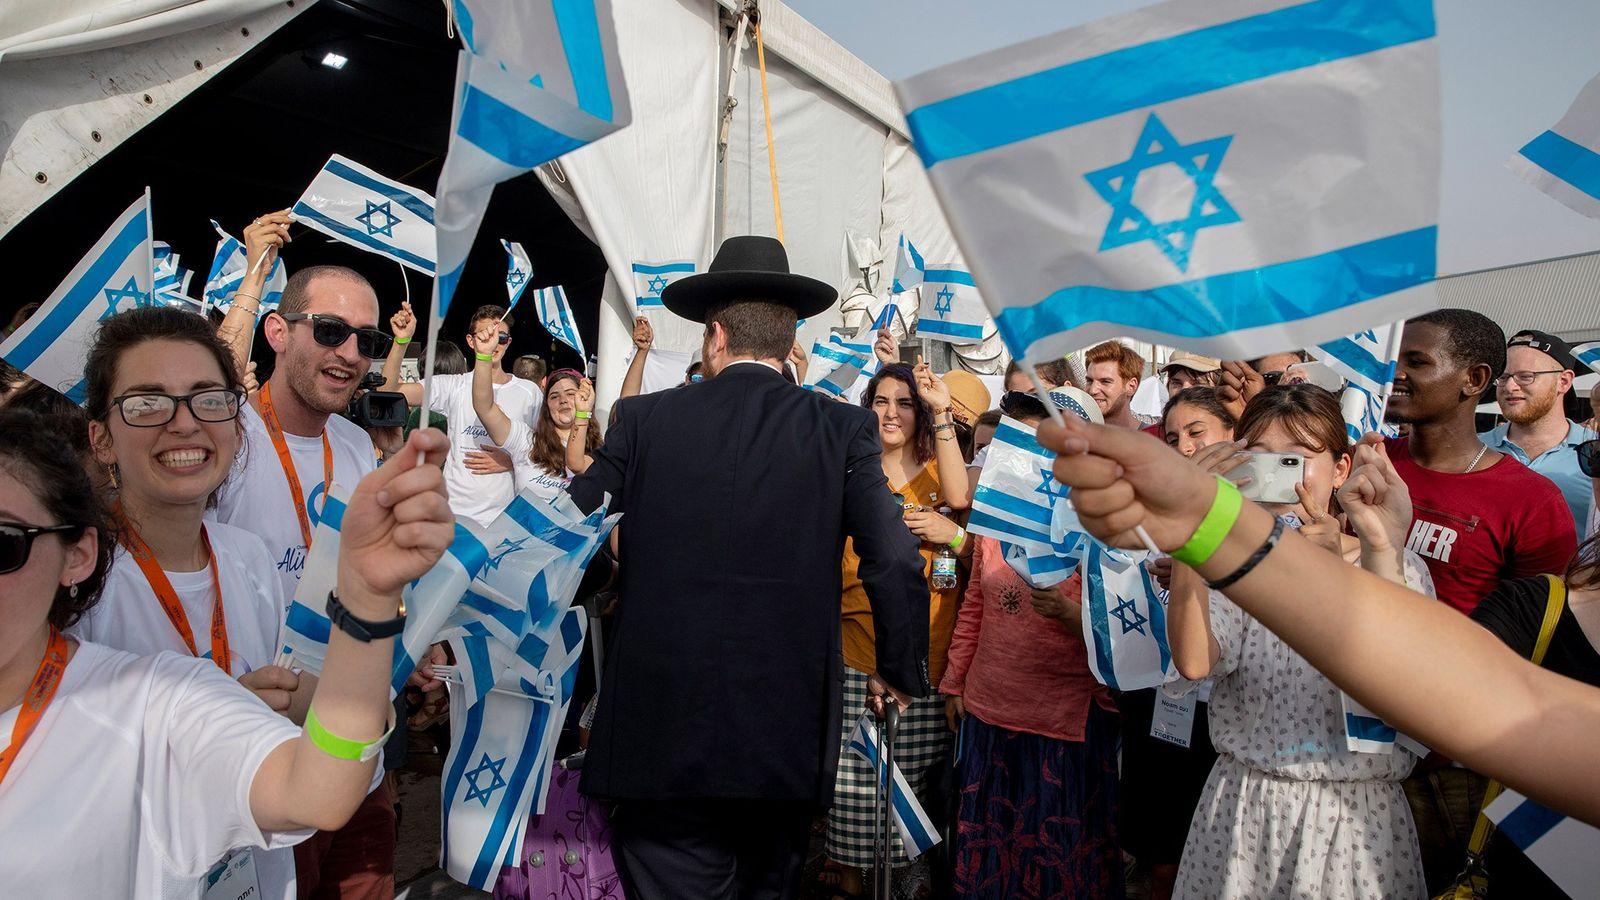 Imigrantes judeus, principalmente da França, recebidos calorosamente em Tel Aviv, em 17 de julho de 2019.